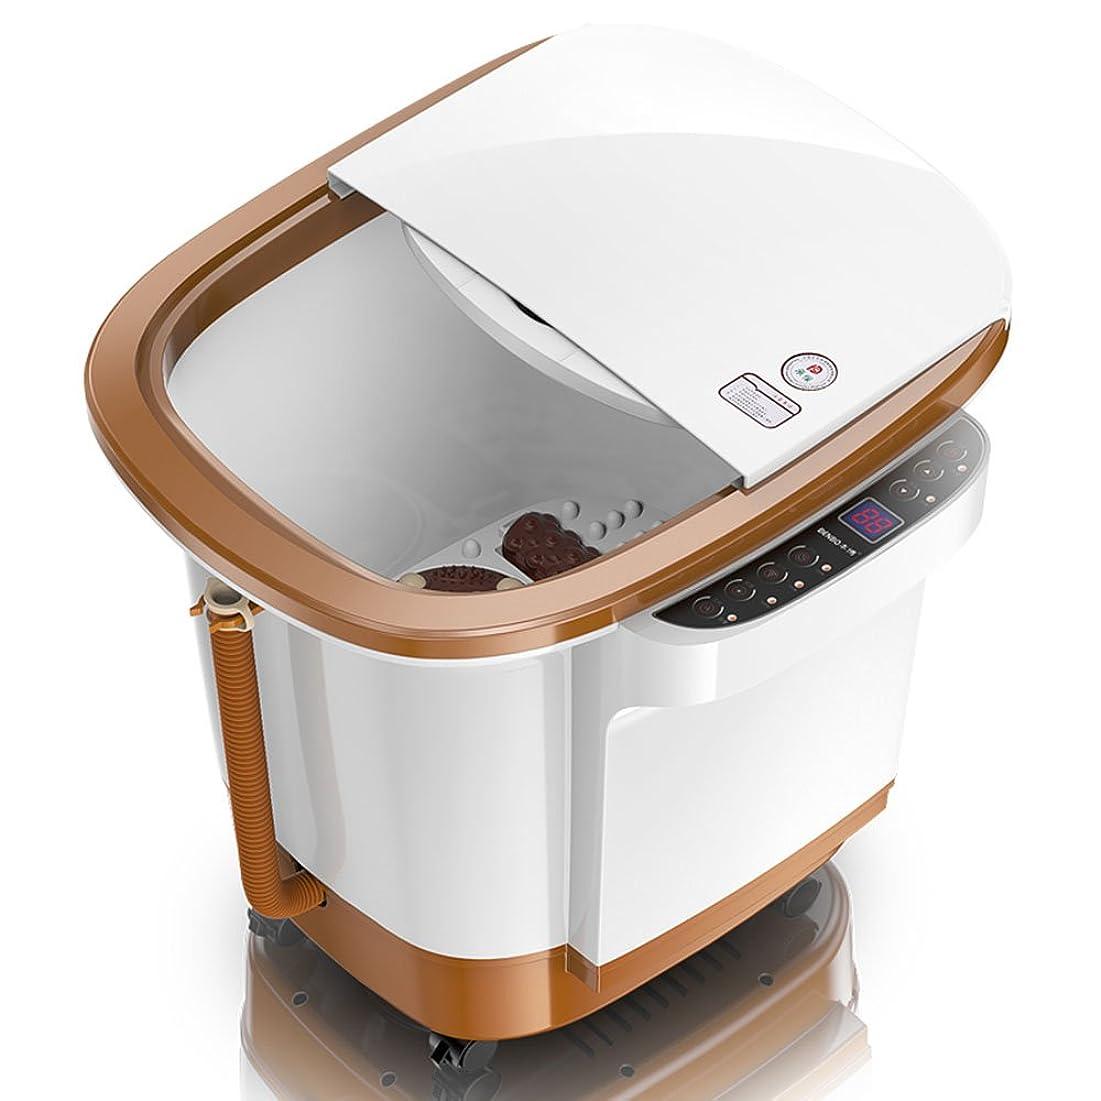 通り分析的な自信があるZHANGRONG- 足浴槽 自動ラッシュ ウェーブマッサージフットバス 電気の 暖房足湯 ディープバレルマシン フットバス 一定温度